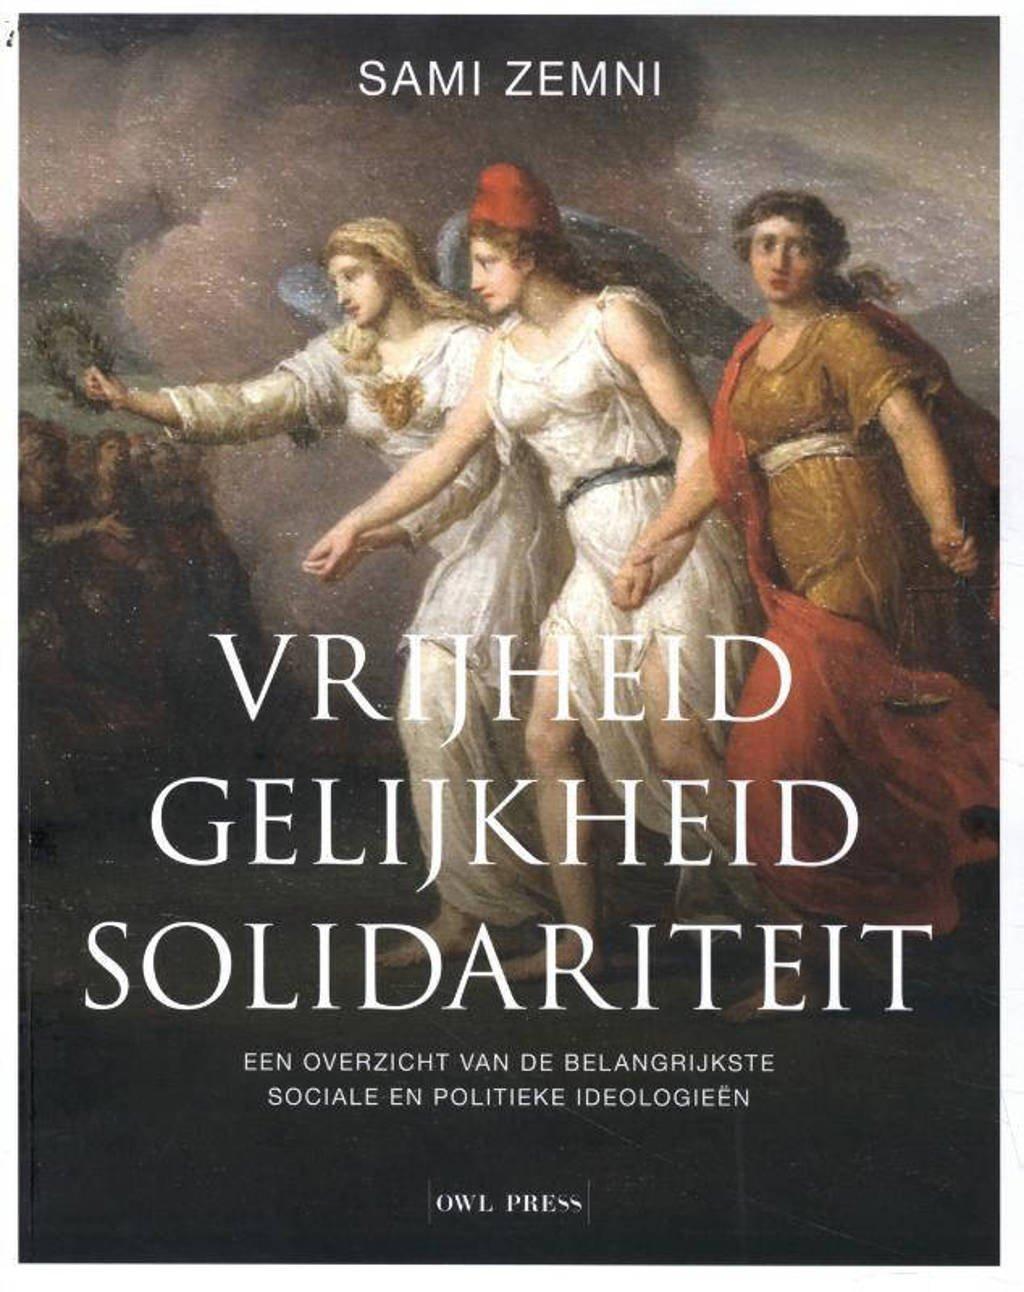 Vrijheid, gelijkheid, solidariteit - Sami Zemni